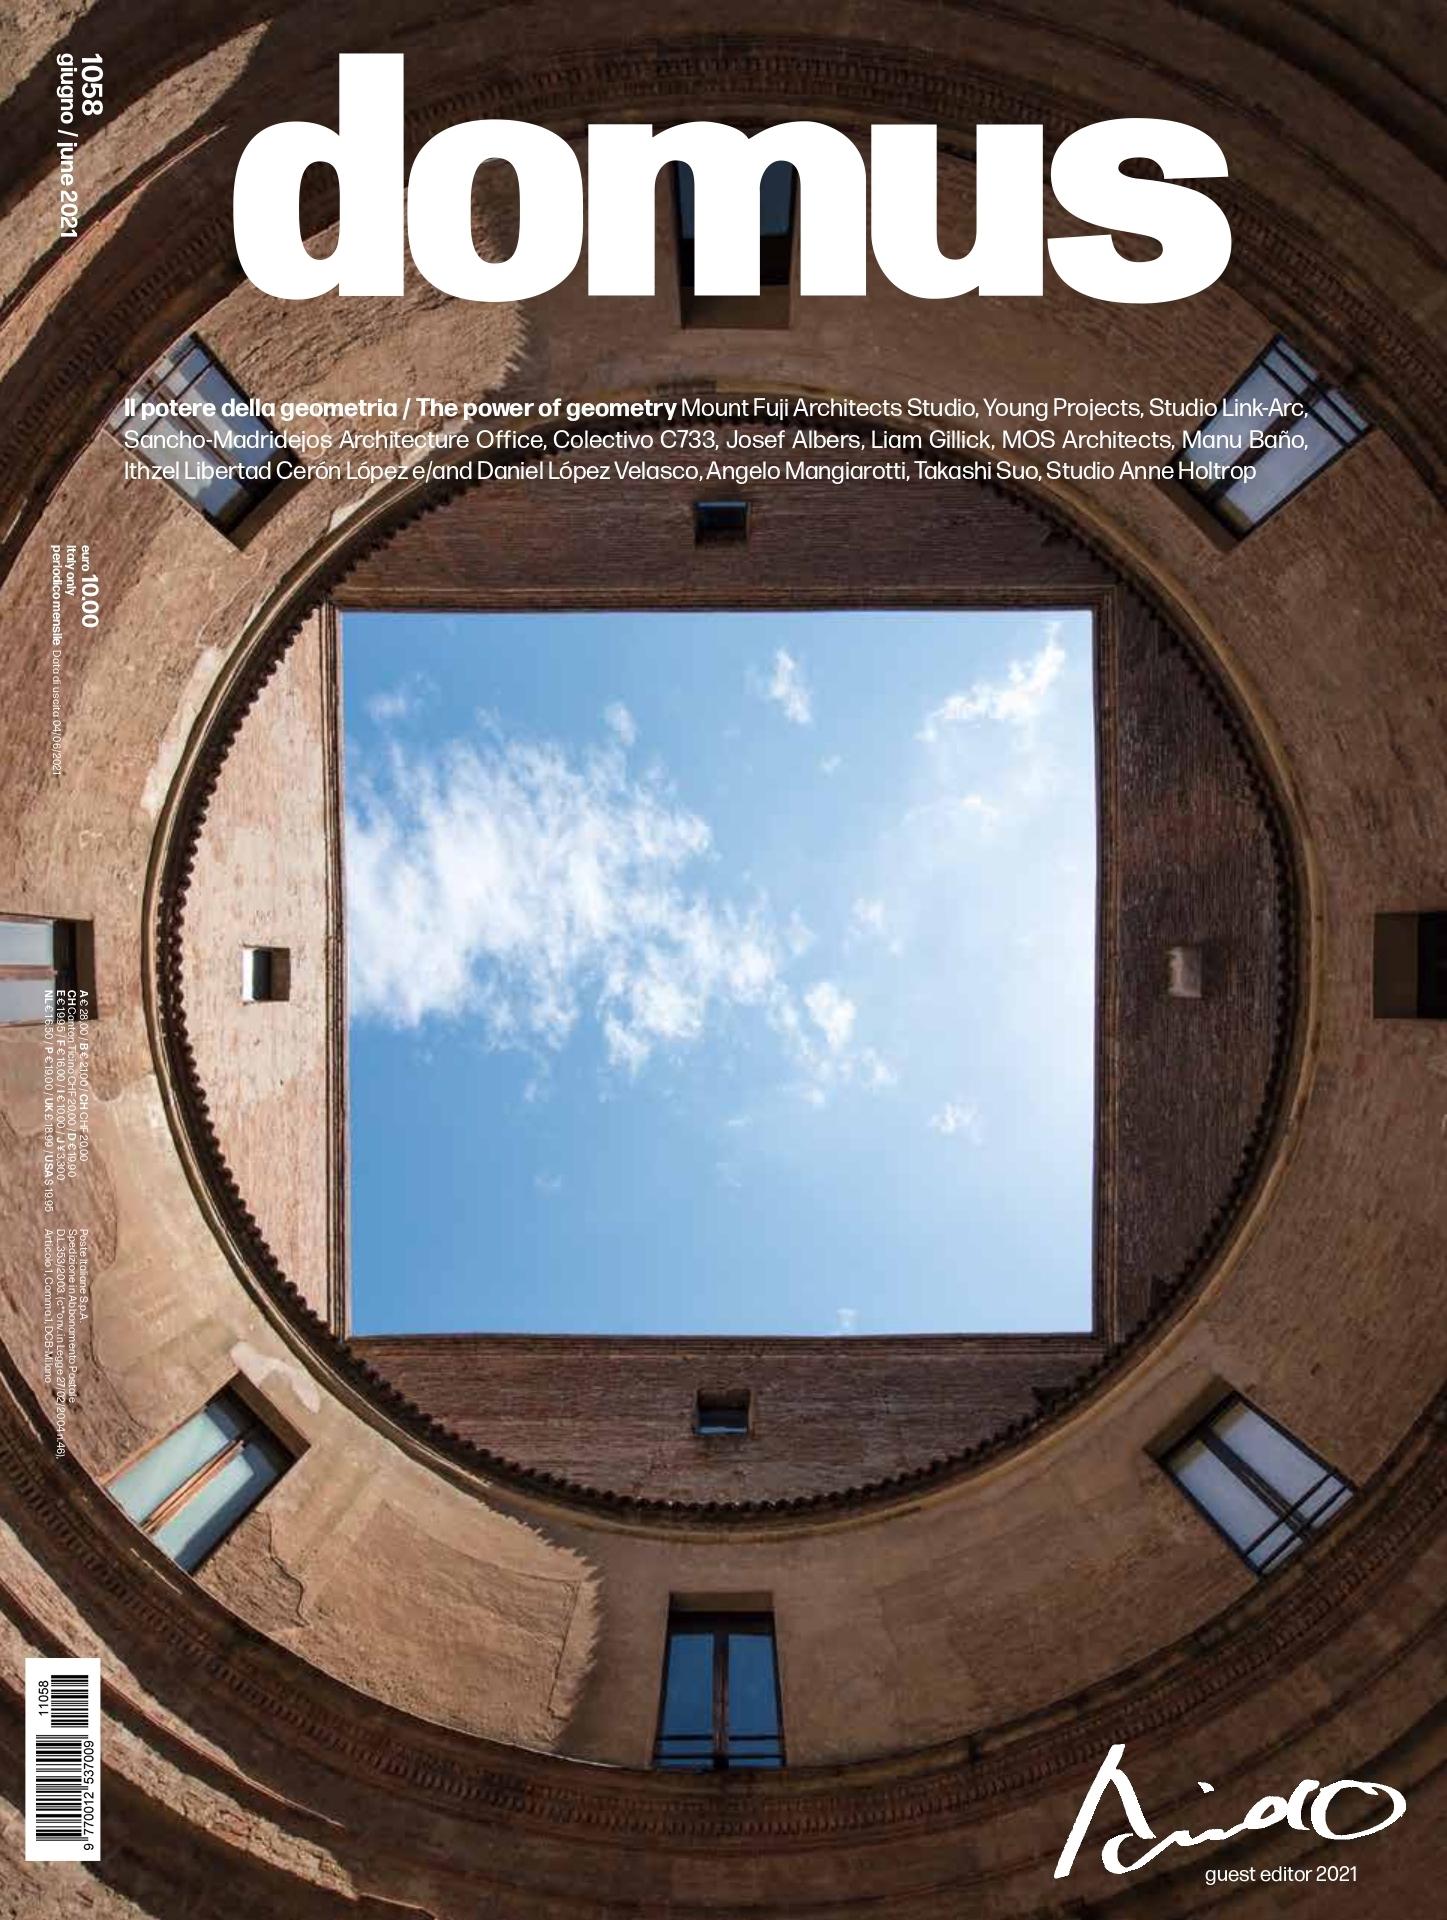 Revista Domus junio 2021 editorial